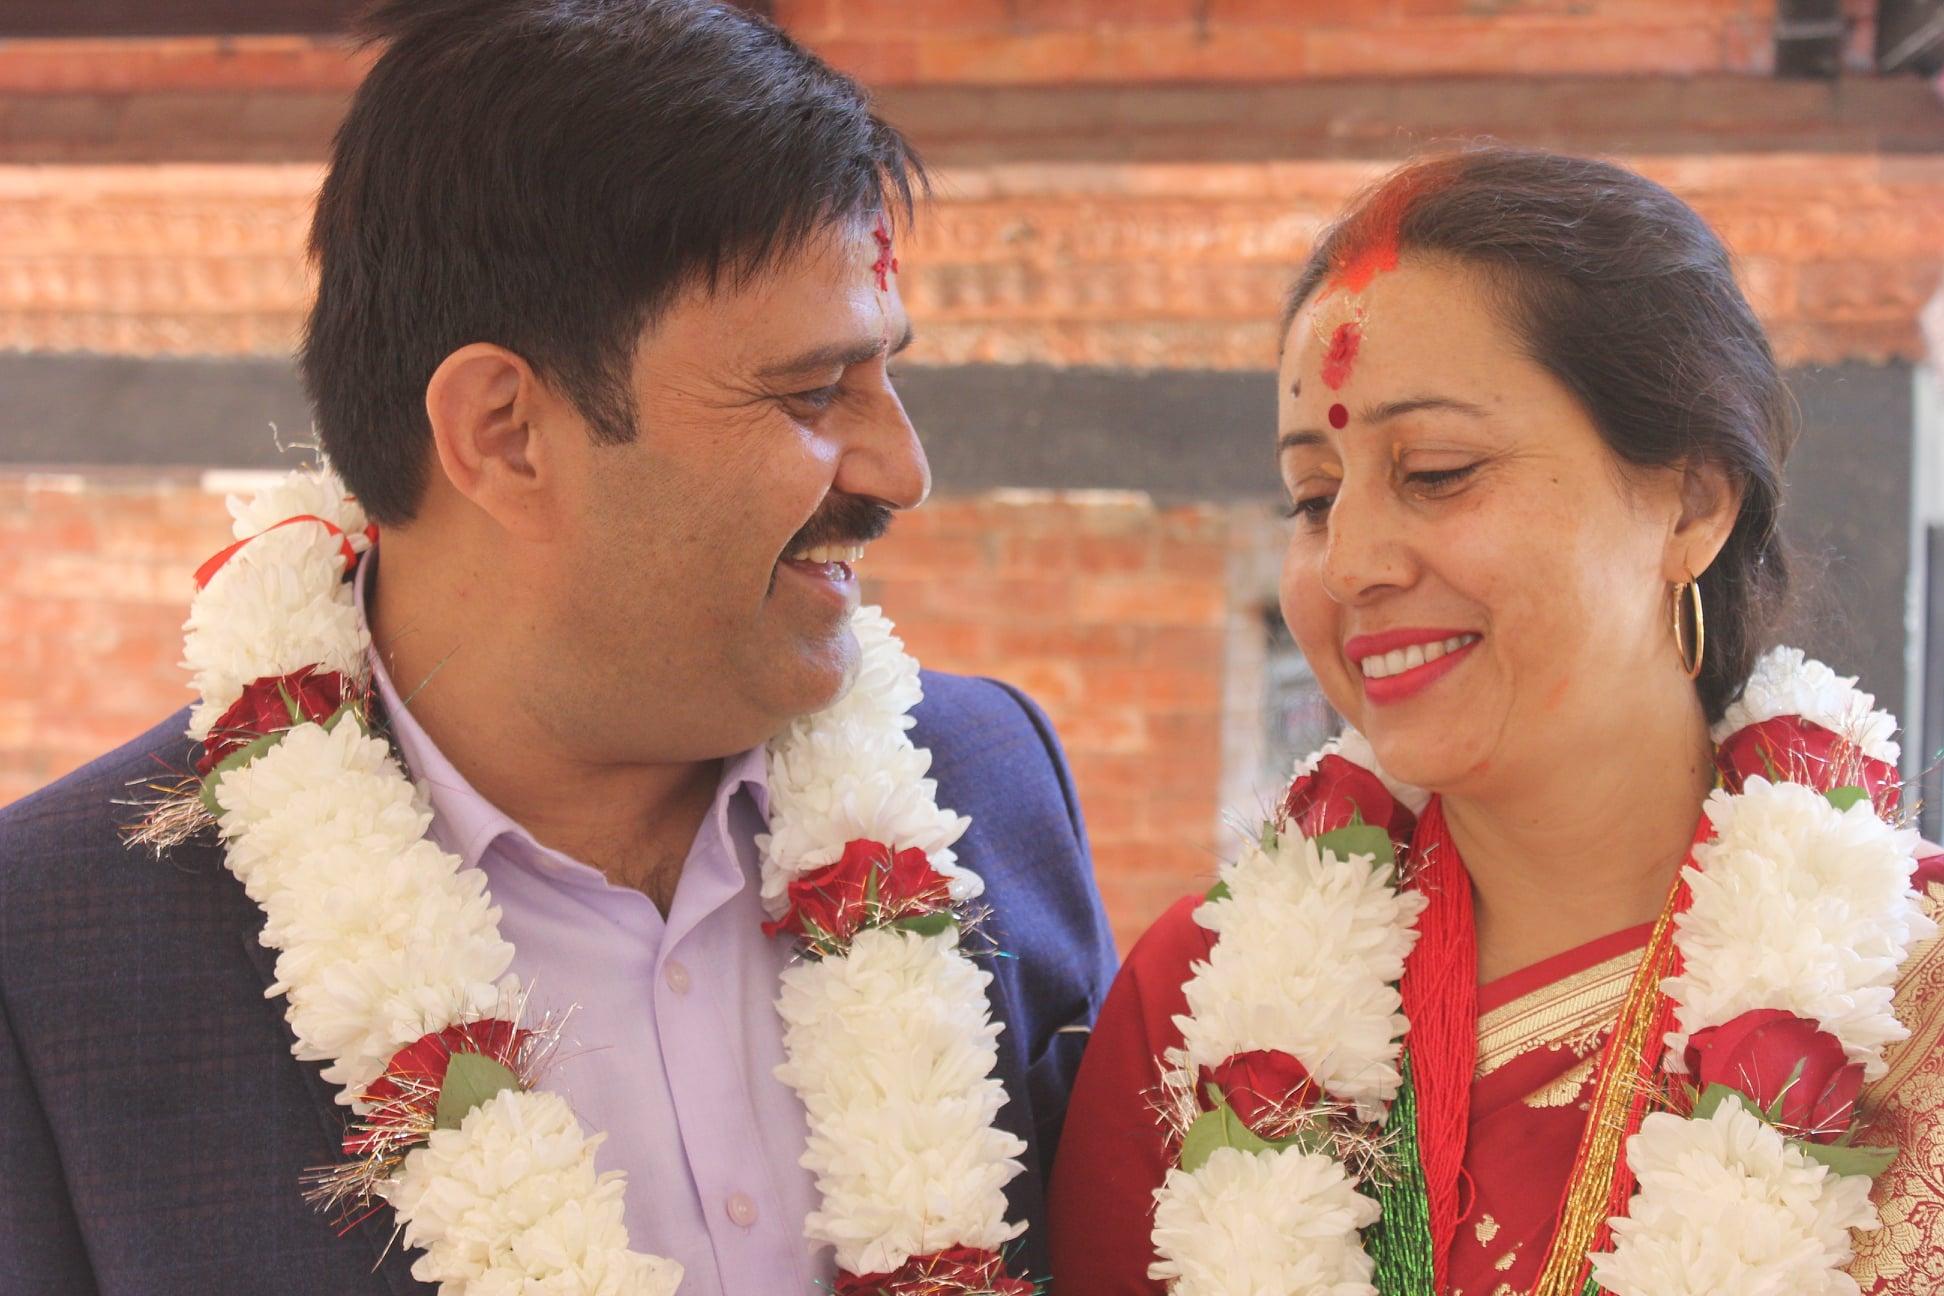 विवाह बन्धनमा बाँधिए मनोज र मञ्जु